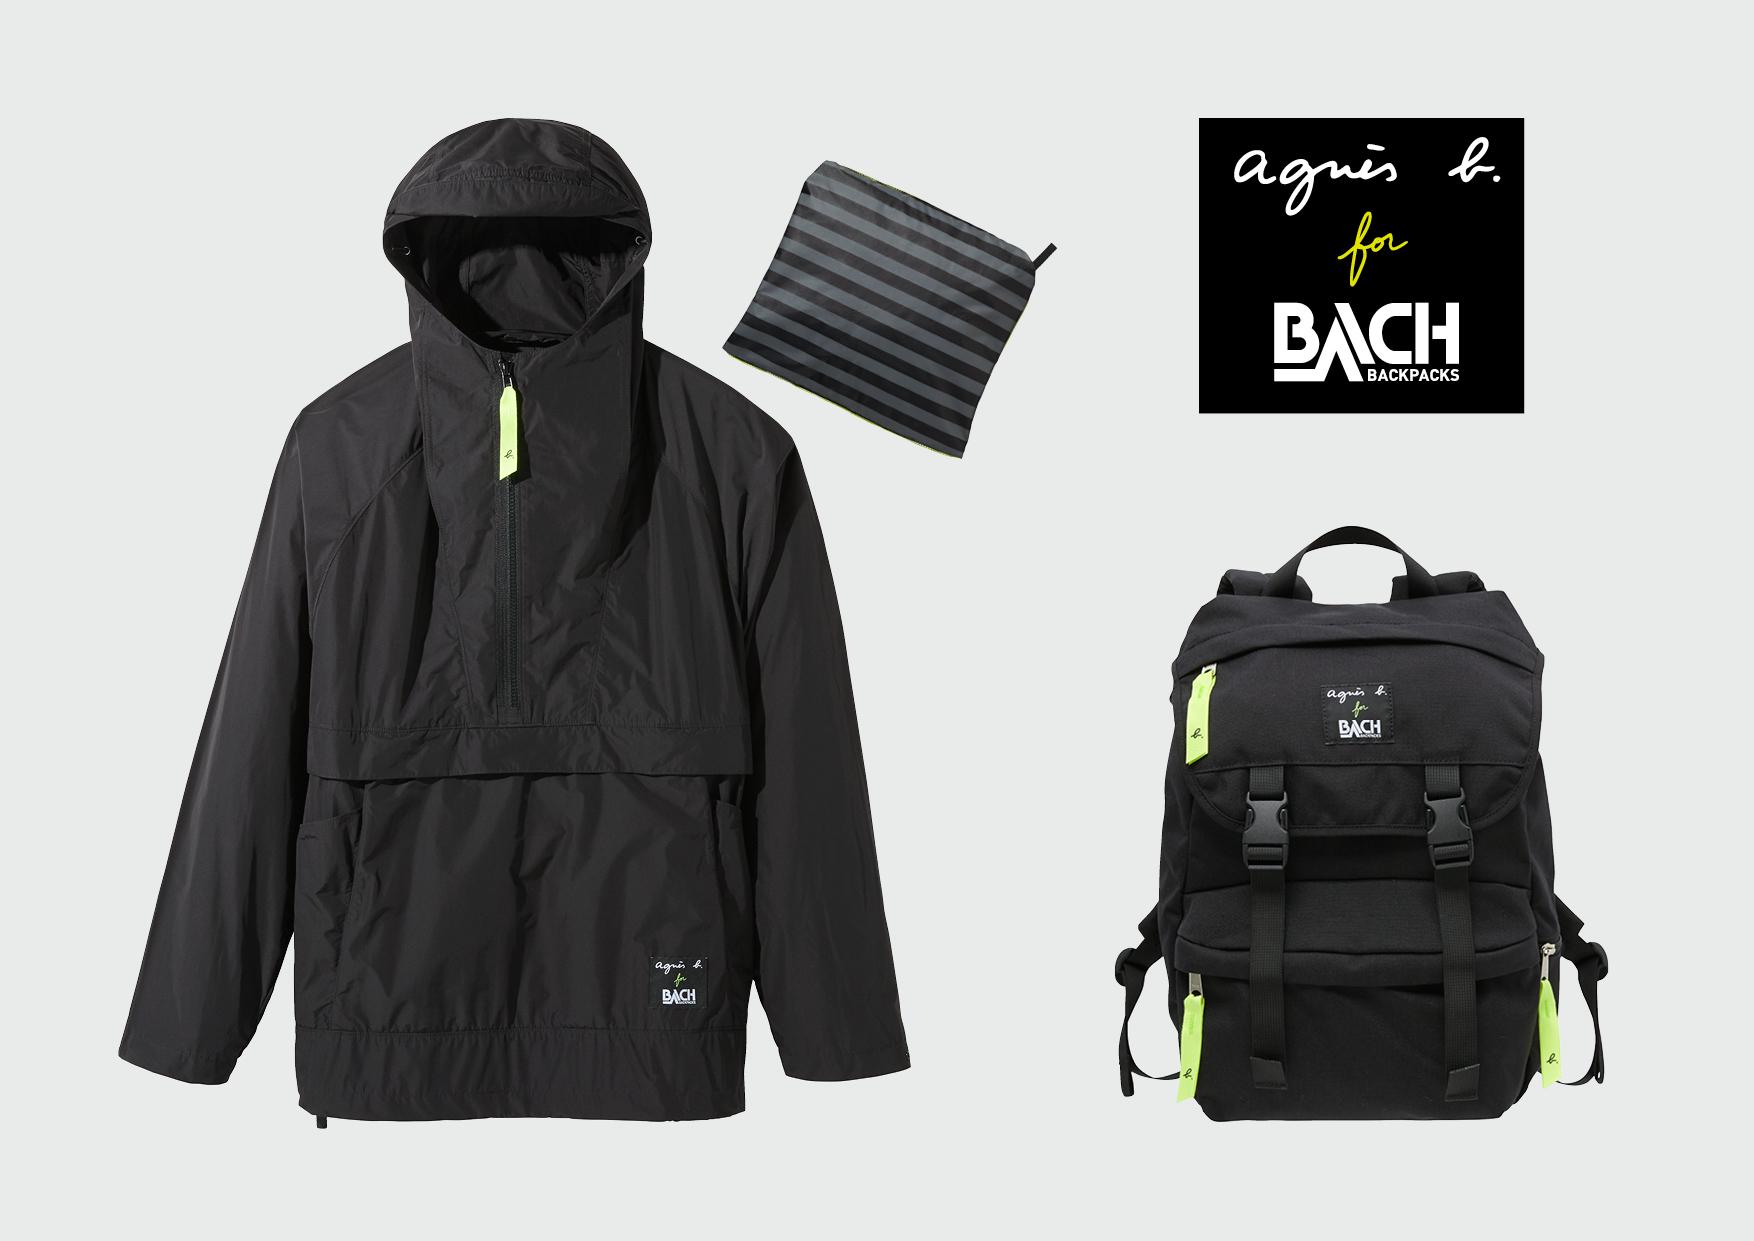 アニエスベー×BACHコラボレーション  アノラックジャケットとバックパック3月上旬発売!